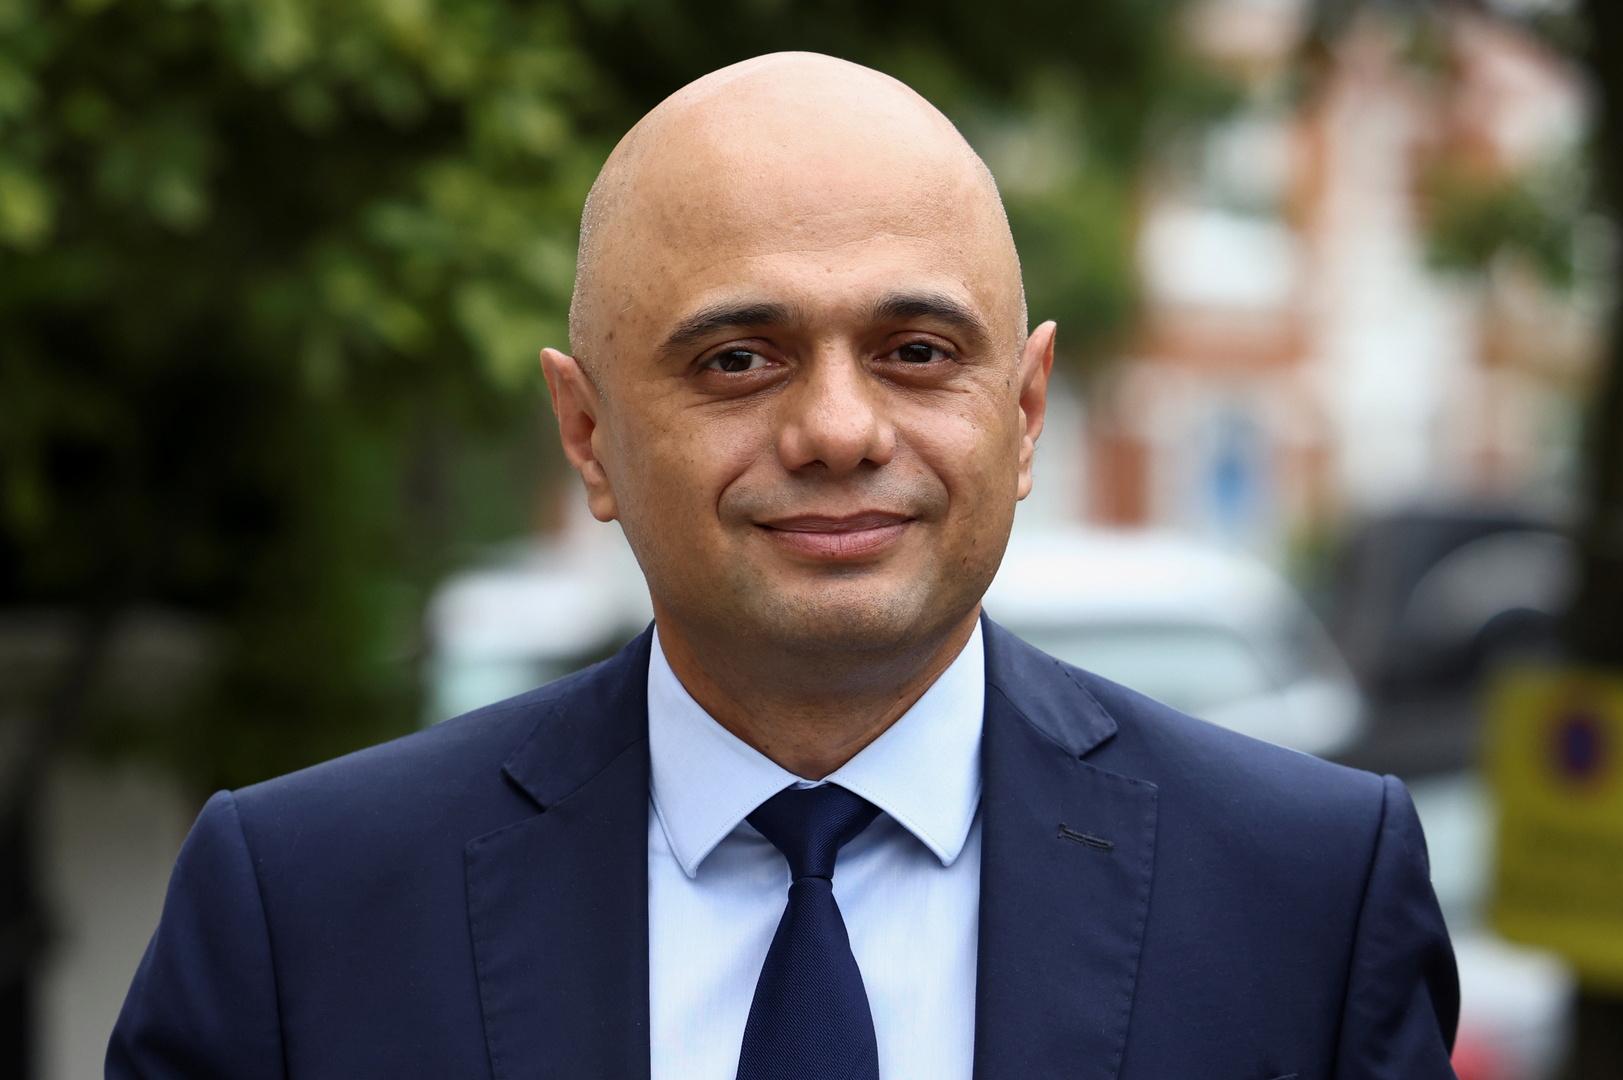 بريطانيون يطالبون وزير الصحة بالاعتذار عن تصريحات اعتبروها